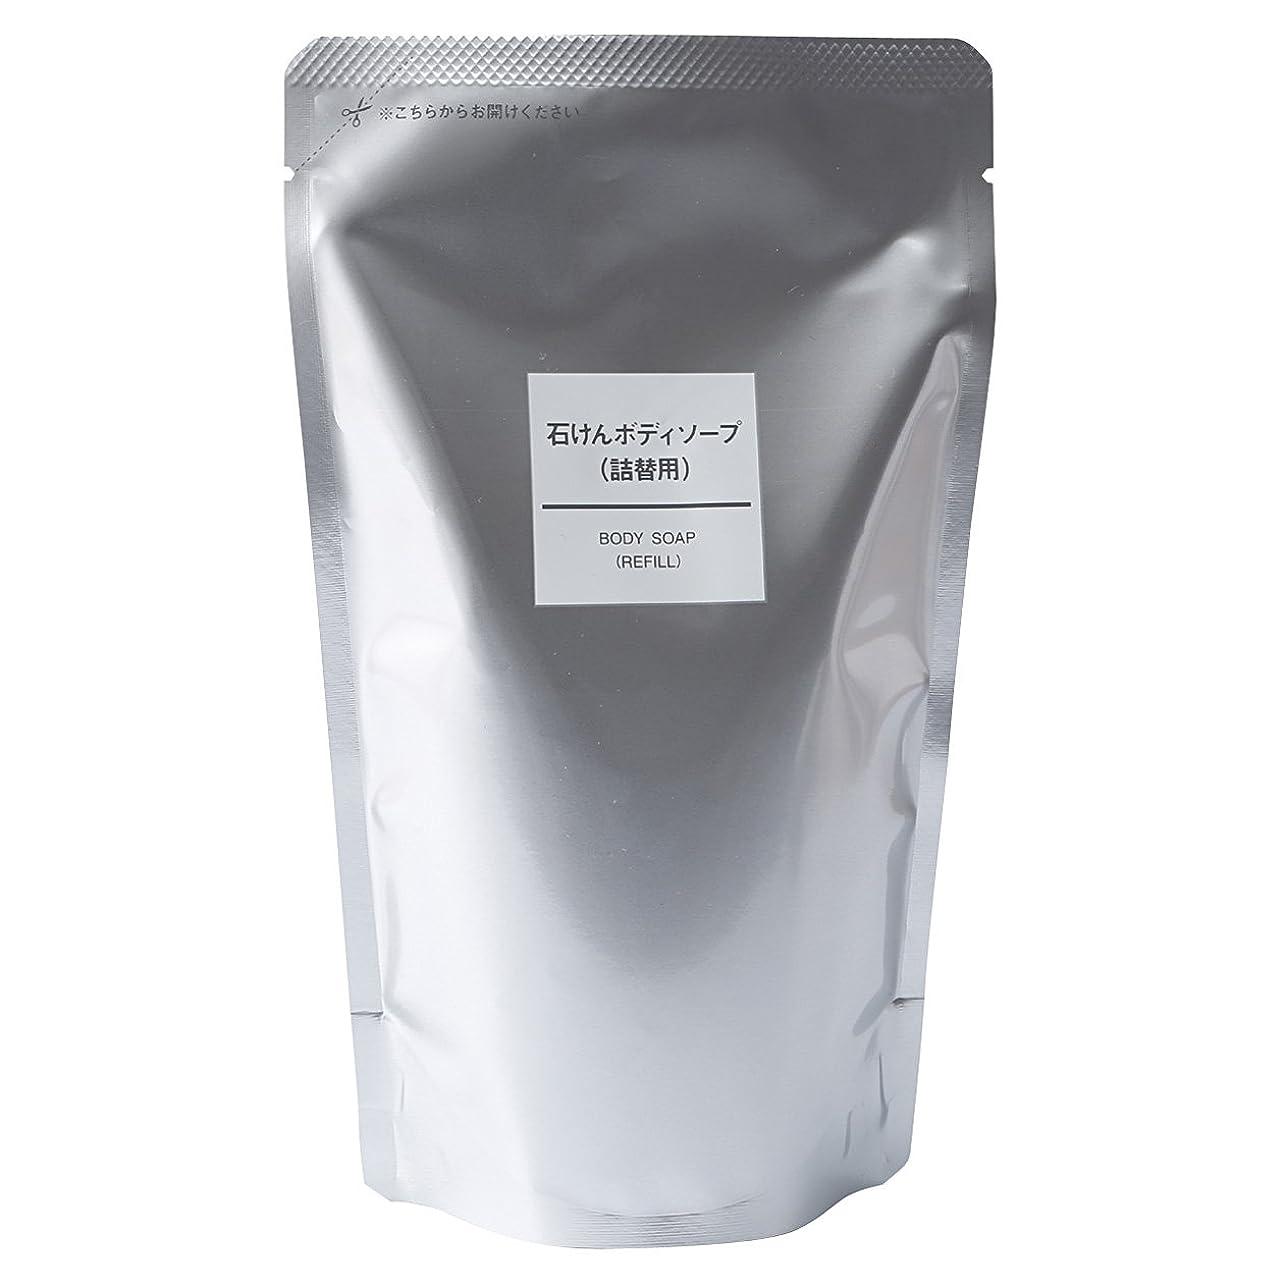 放棄された限定水素無印良品 石けんボディソープ(詰替用) (新)350ml 日本製